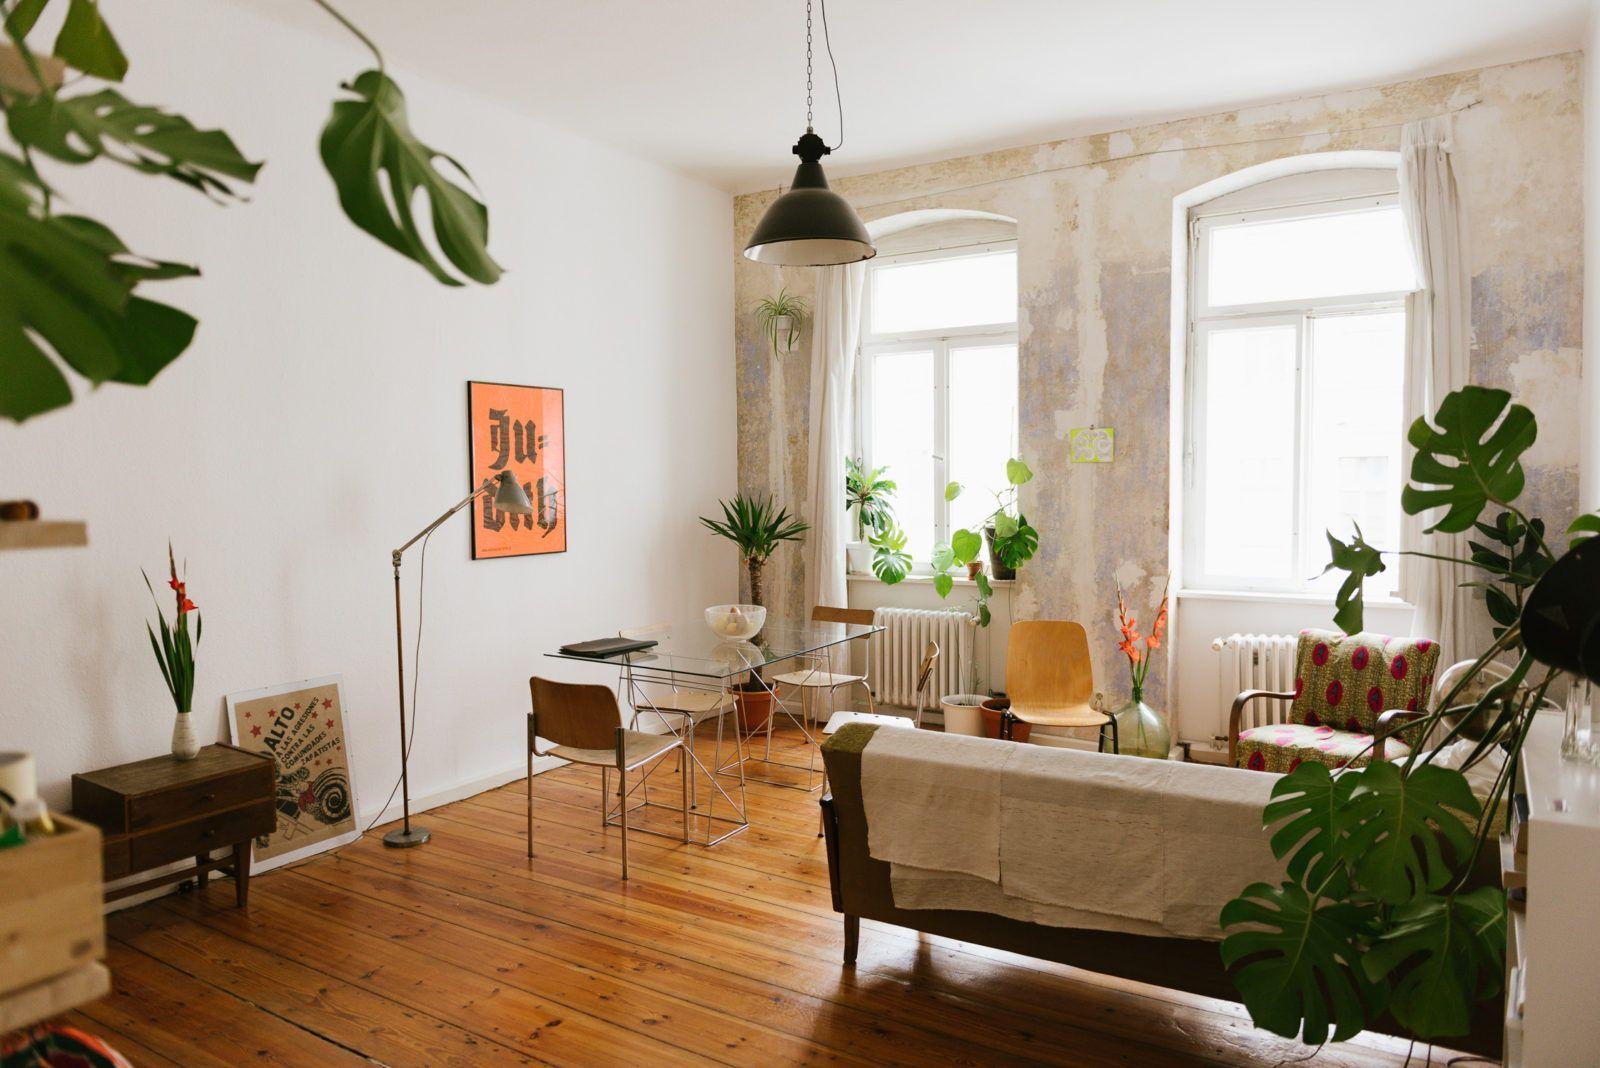 Interior Inspiration Gute Laune Mit Orange Mit Bildern Wohnung Haus Deko Dekor